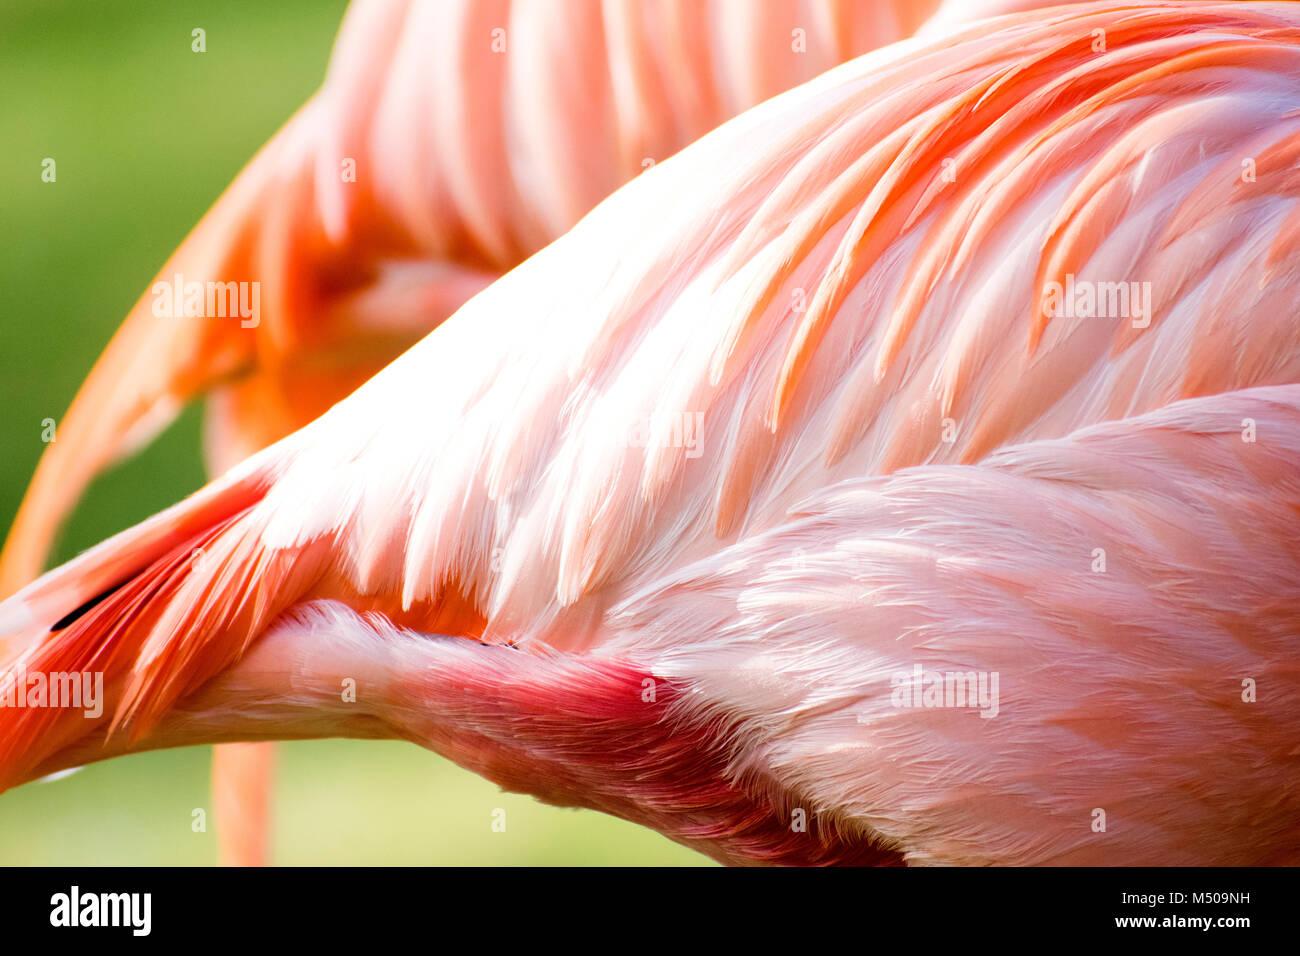 Madrid, España. 19 de febrero, 2018. American flamenco (Phoenicopterus ruber) en el Zoo de Madrid el 19 de febrero Foto de stock